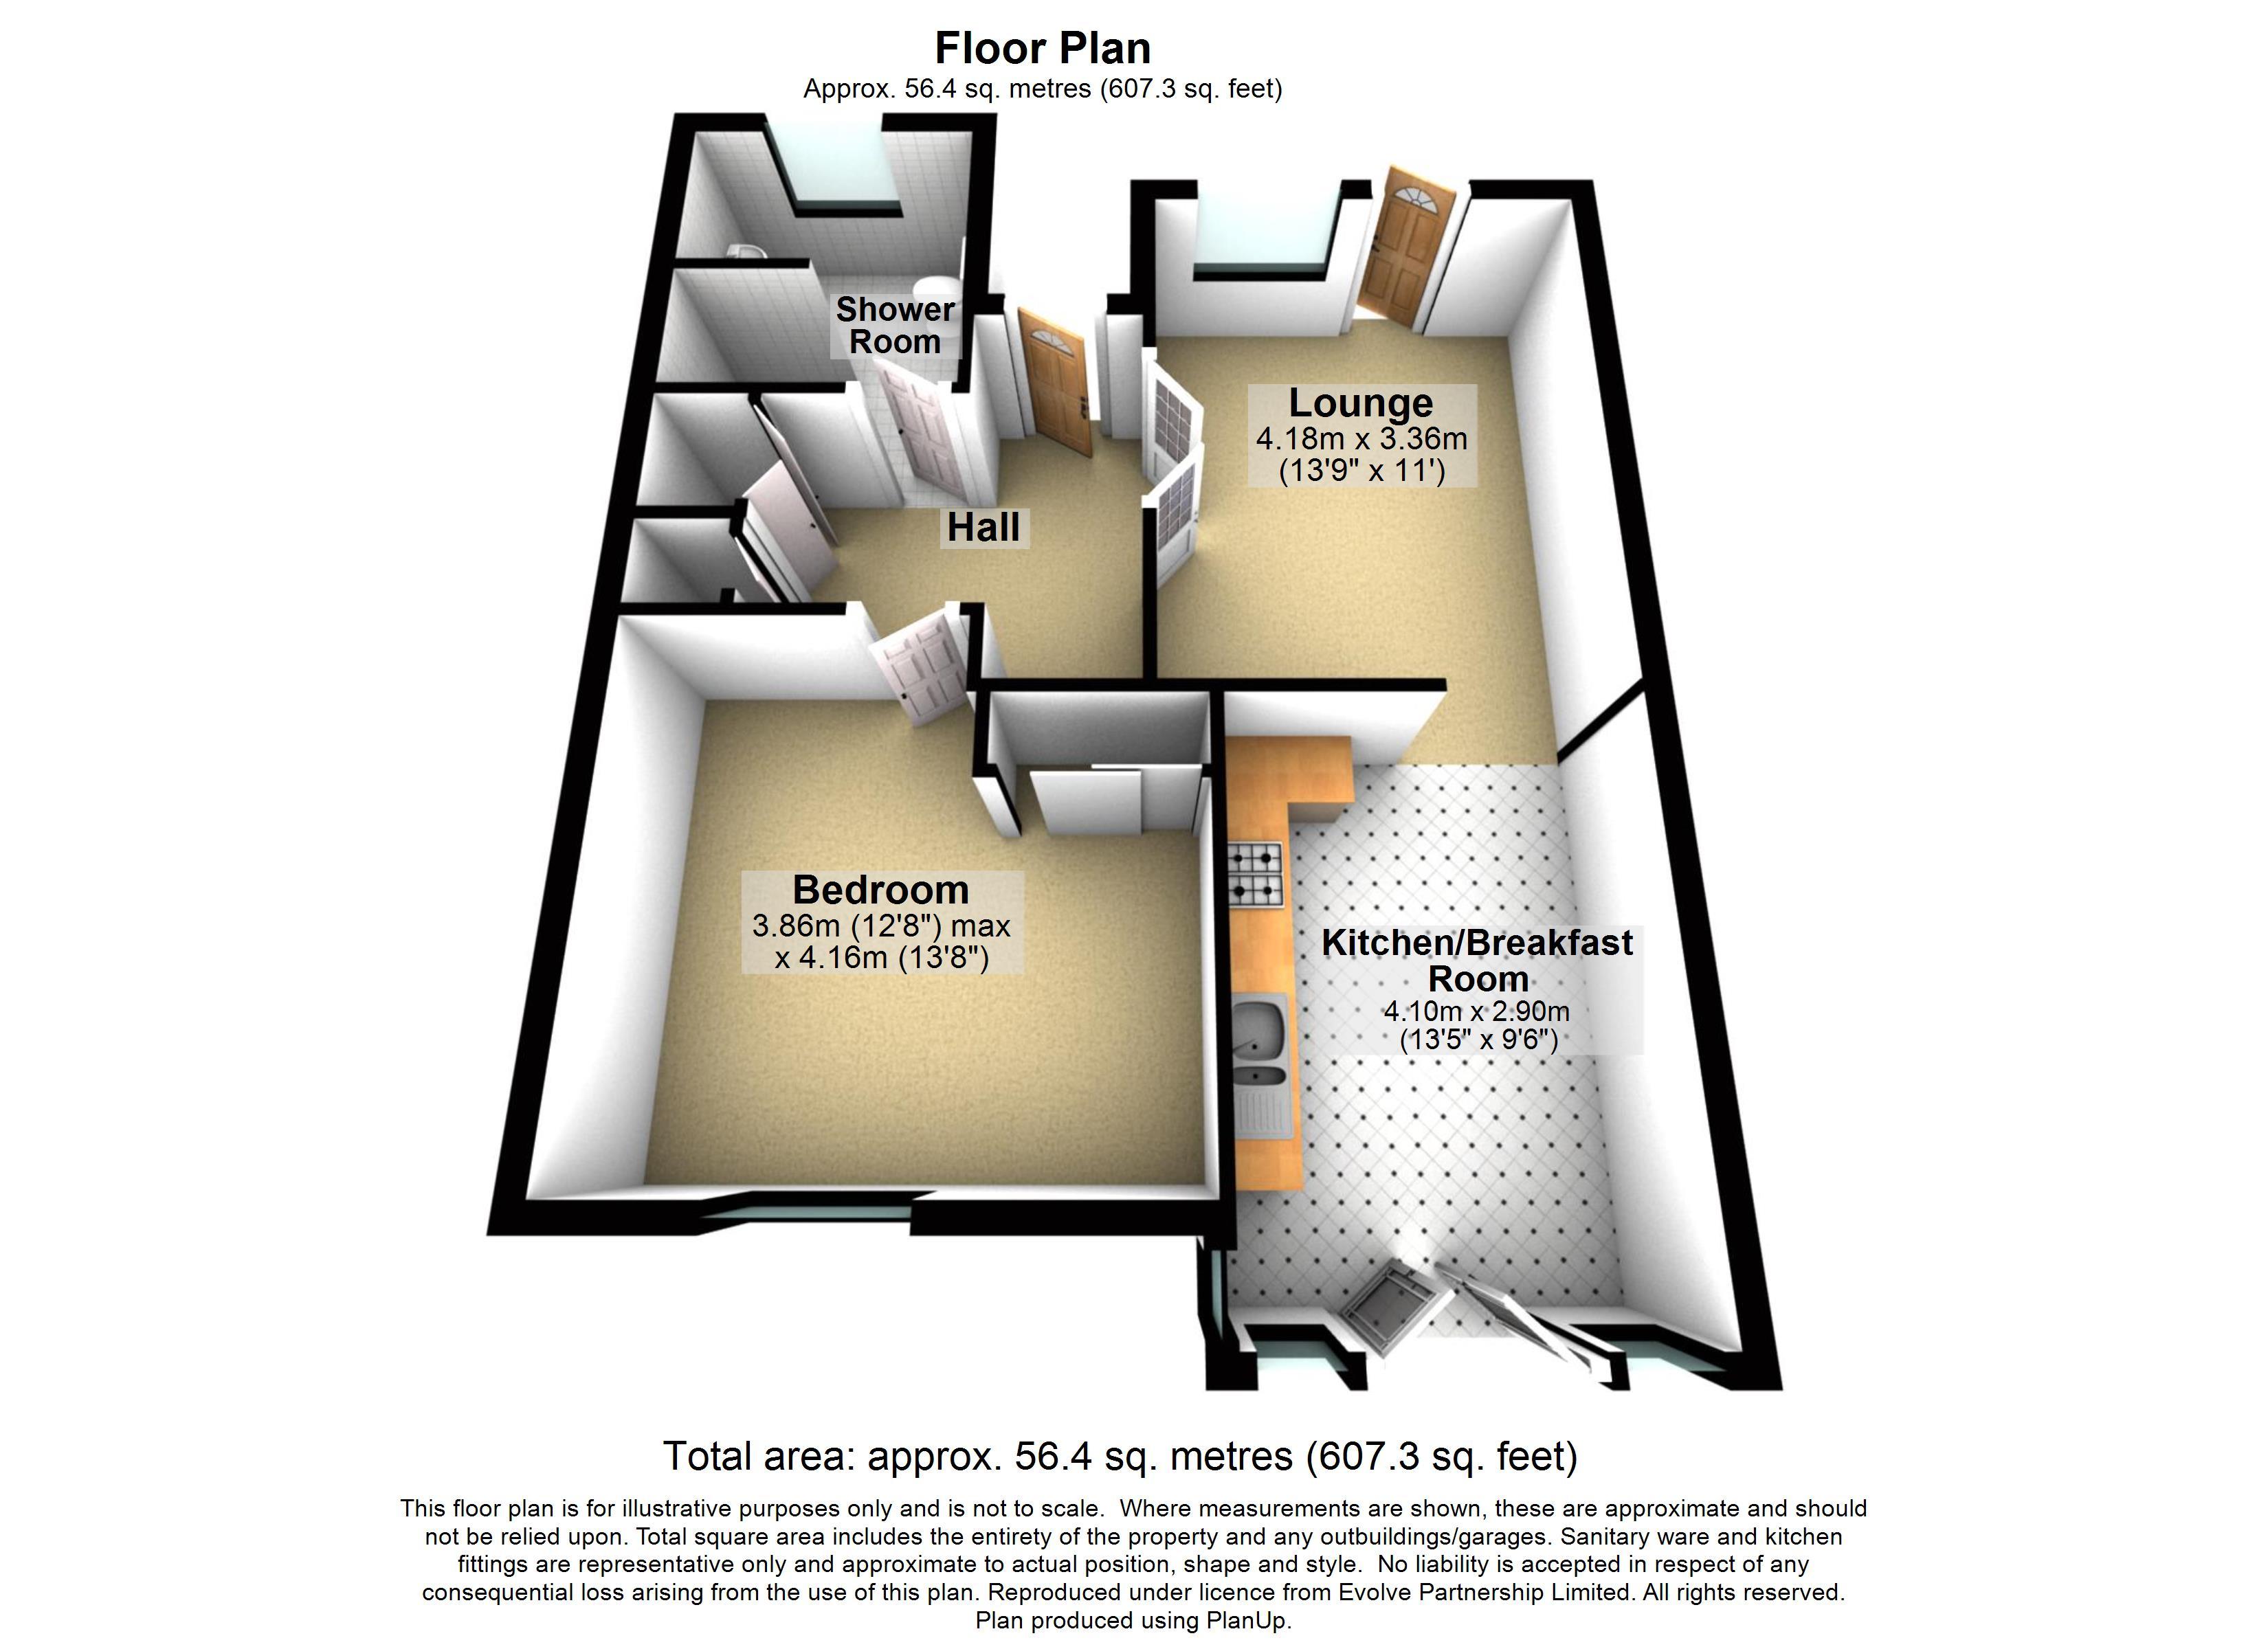 27 The Paddocks Floorplan